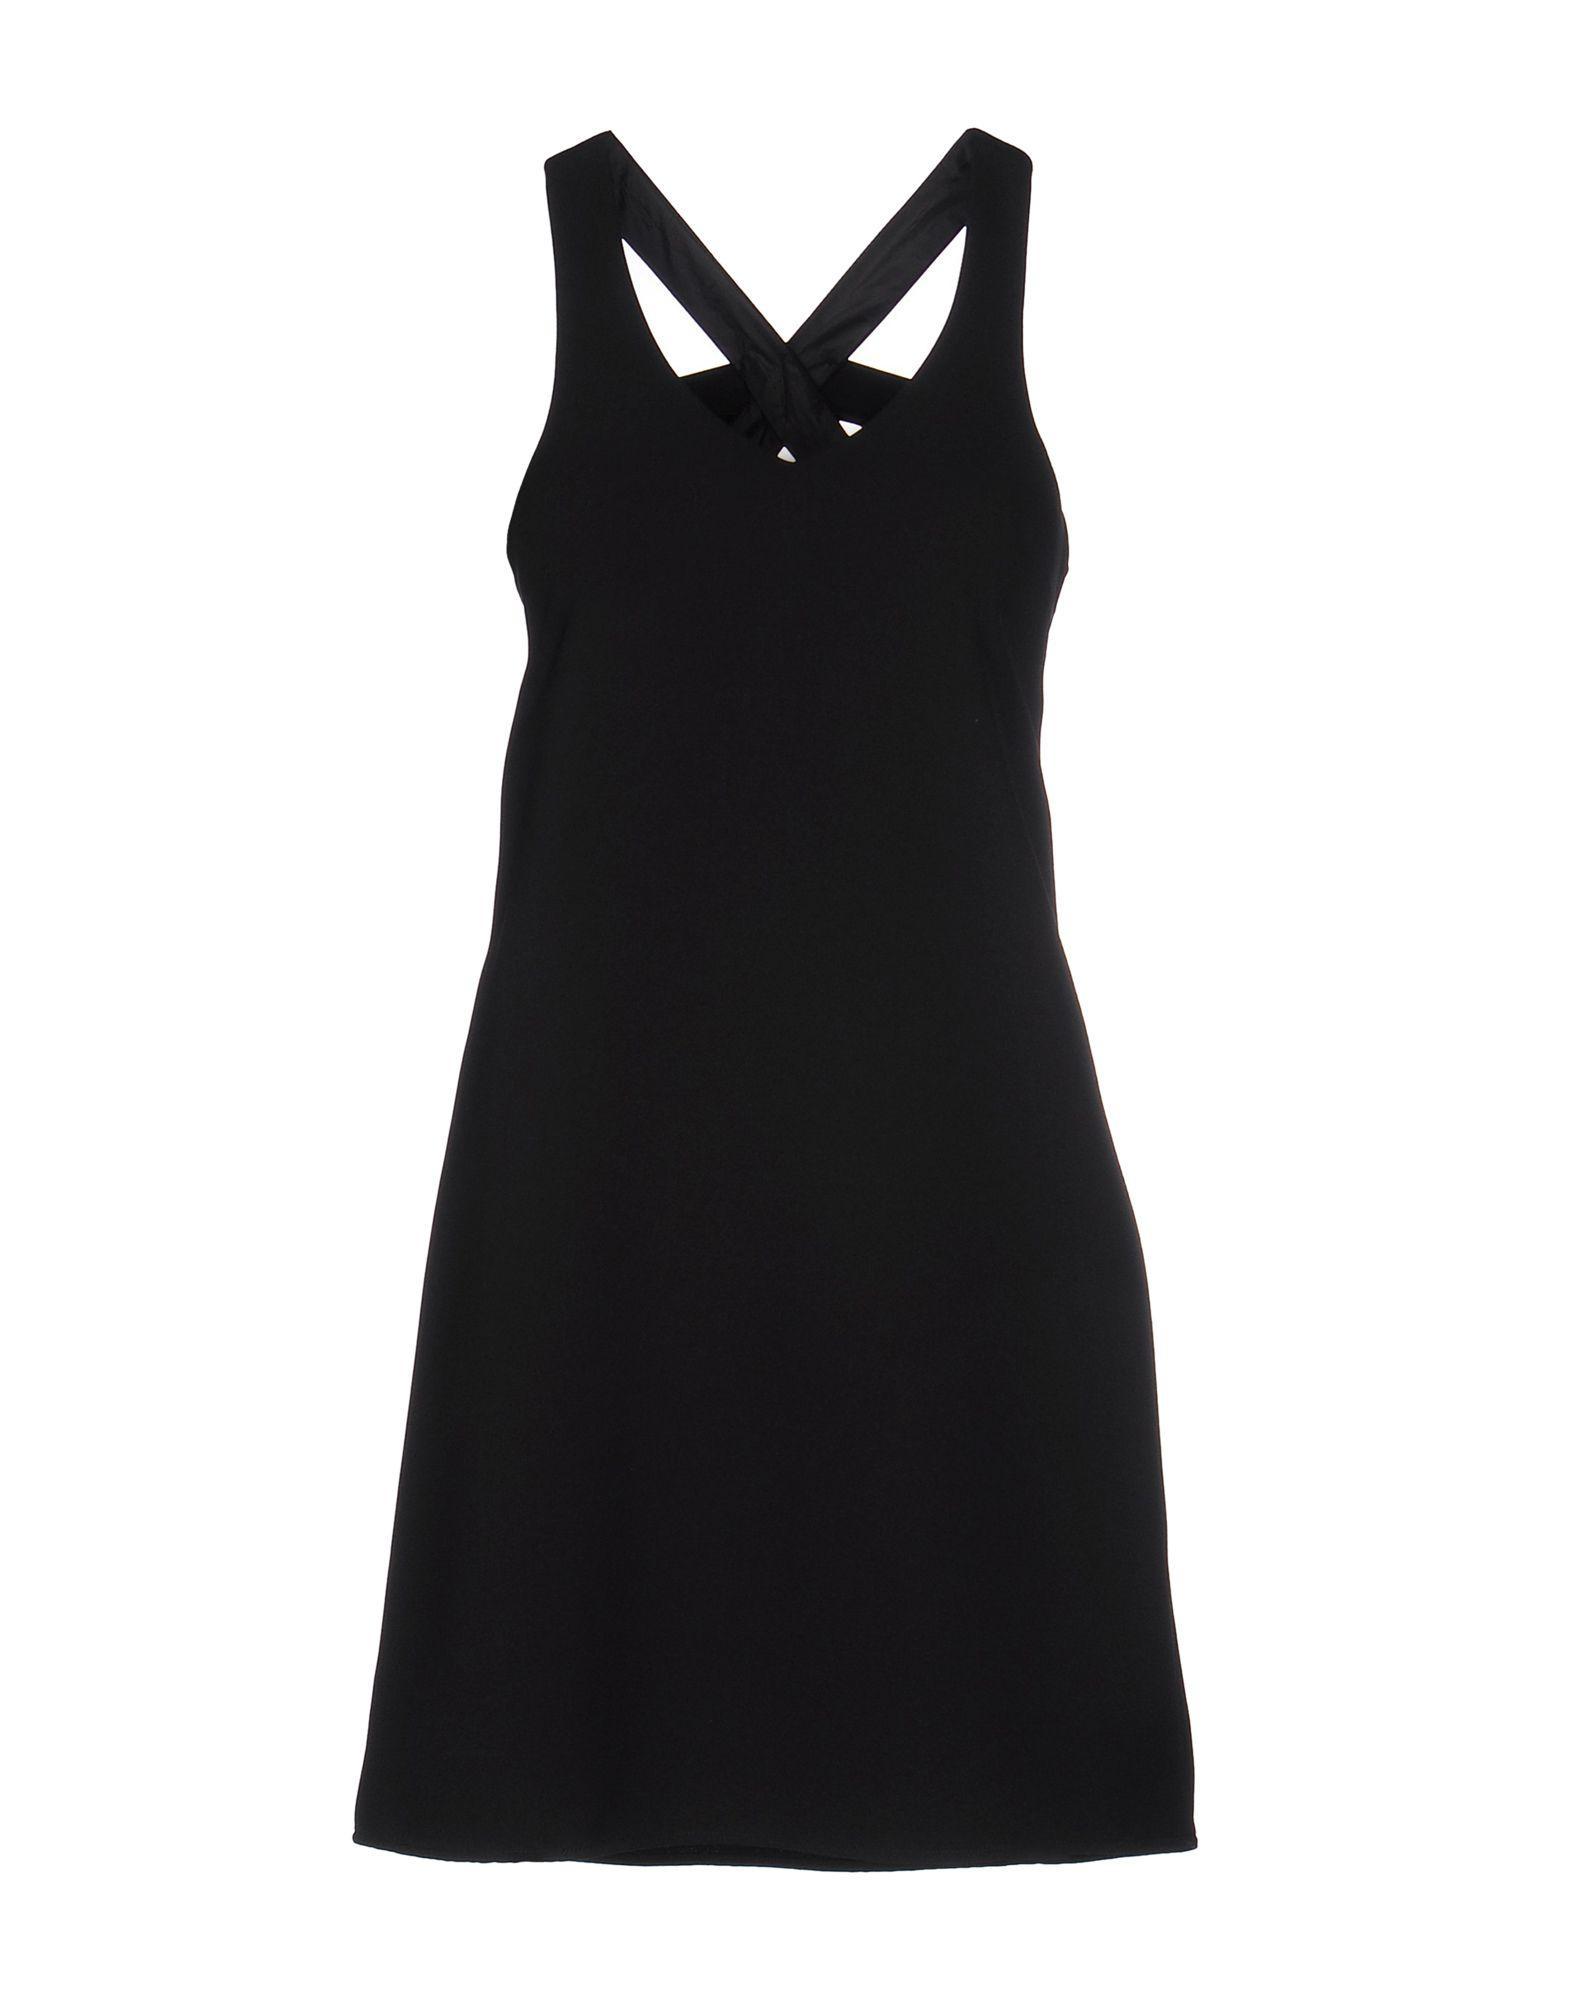 《送料無料》NO SECRETS レディース ミニワンピース&ドレス ブラック 46 ポリエステル 100%